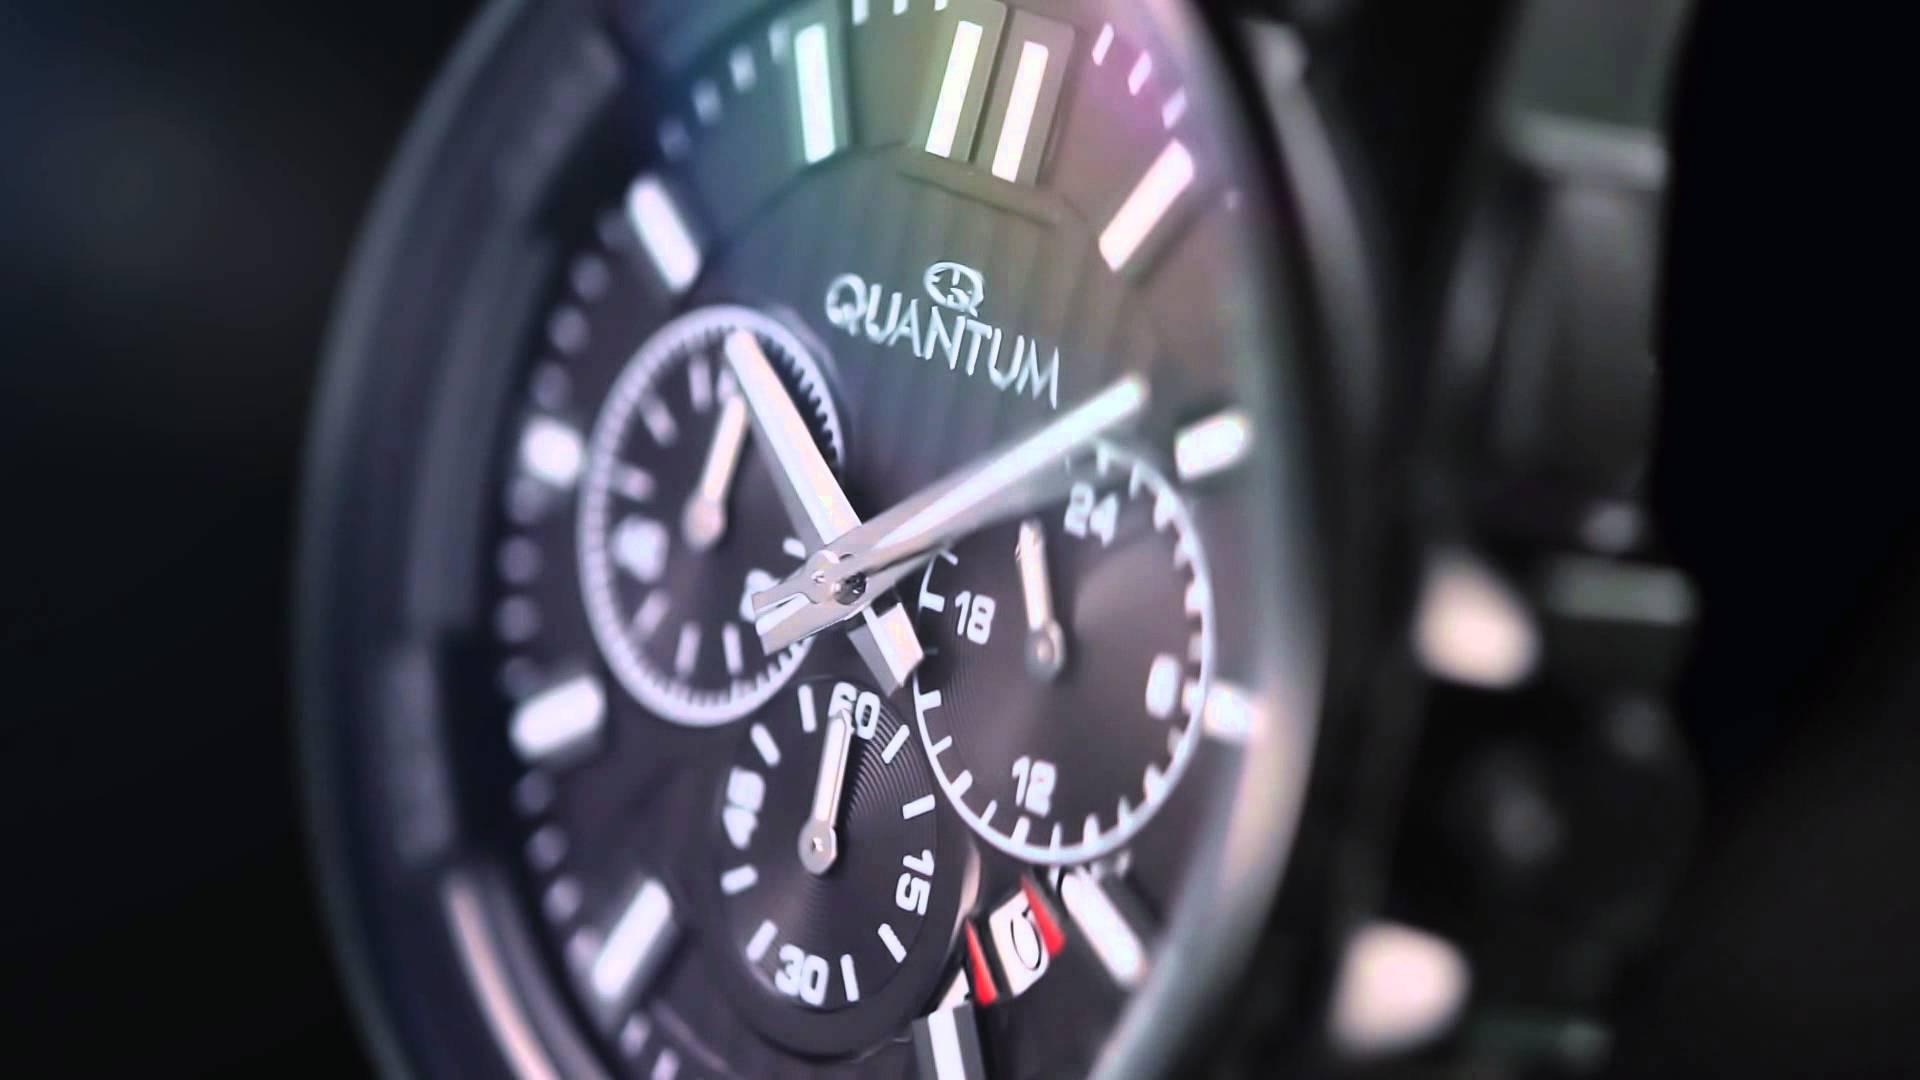 Вижте невероятните маркови часовници в магазин Fashion Depot!